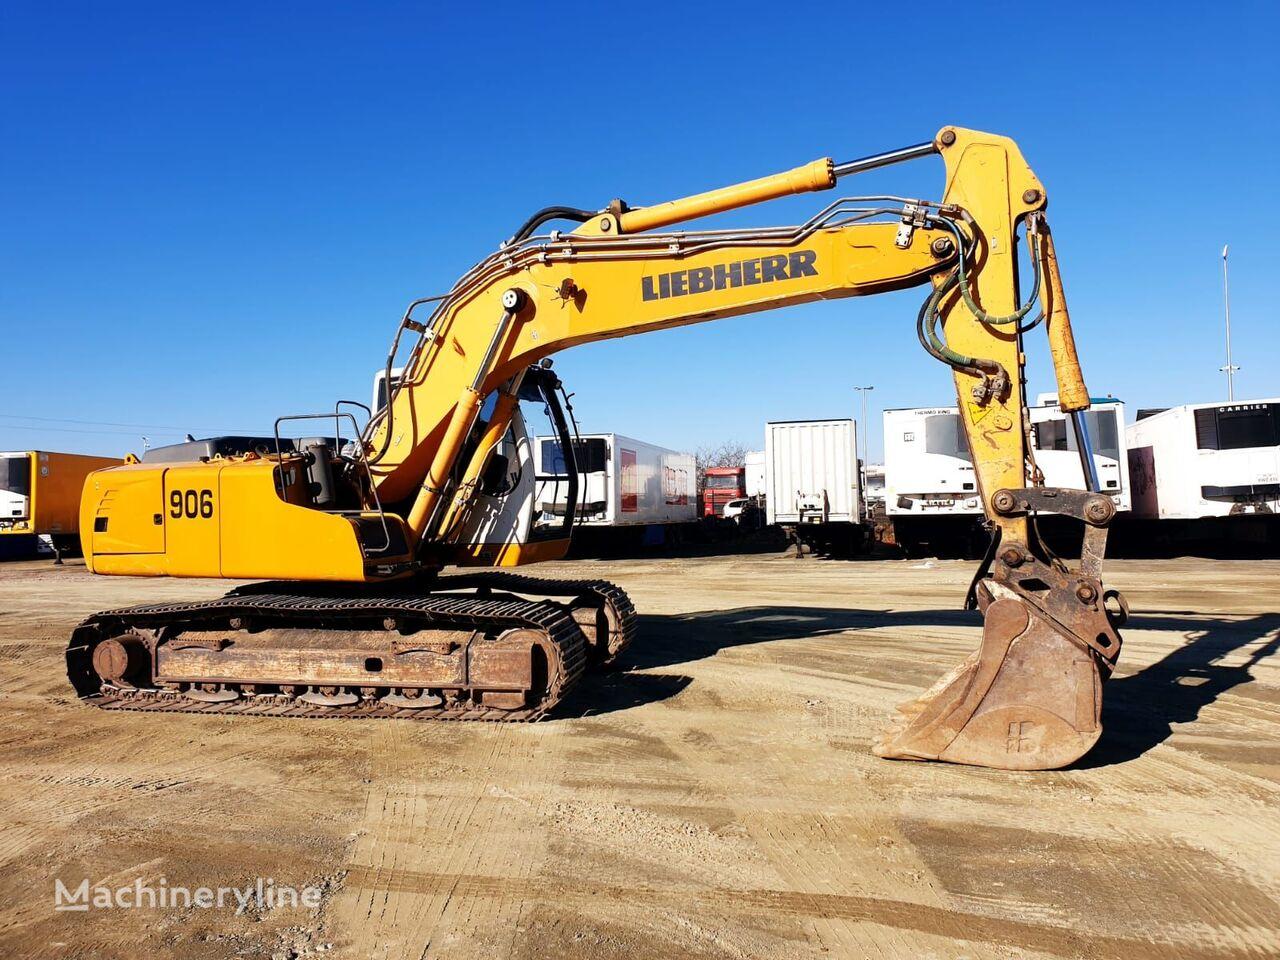 LIEBHERR R906 NLC tracked excavator